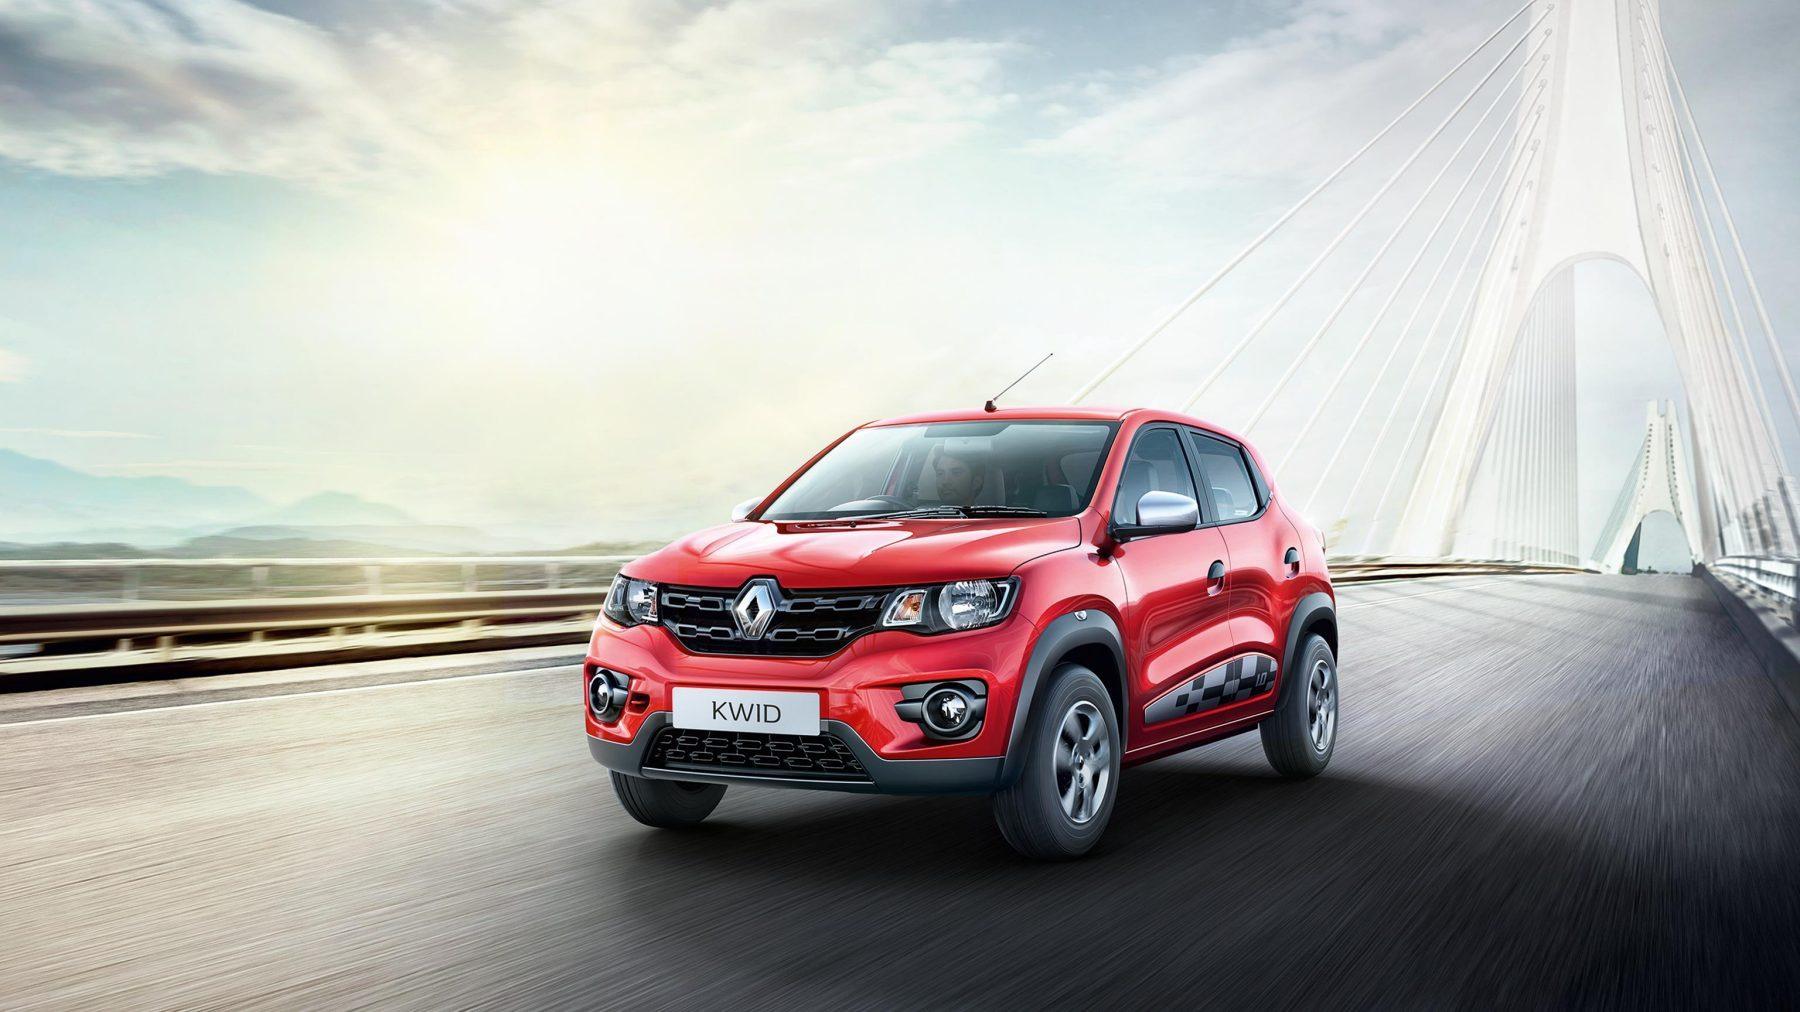 новый почти кроссовер Renault Kwid всего за 248 000 рублей Drive2